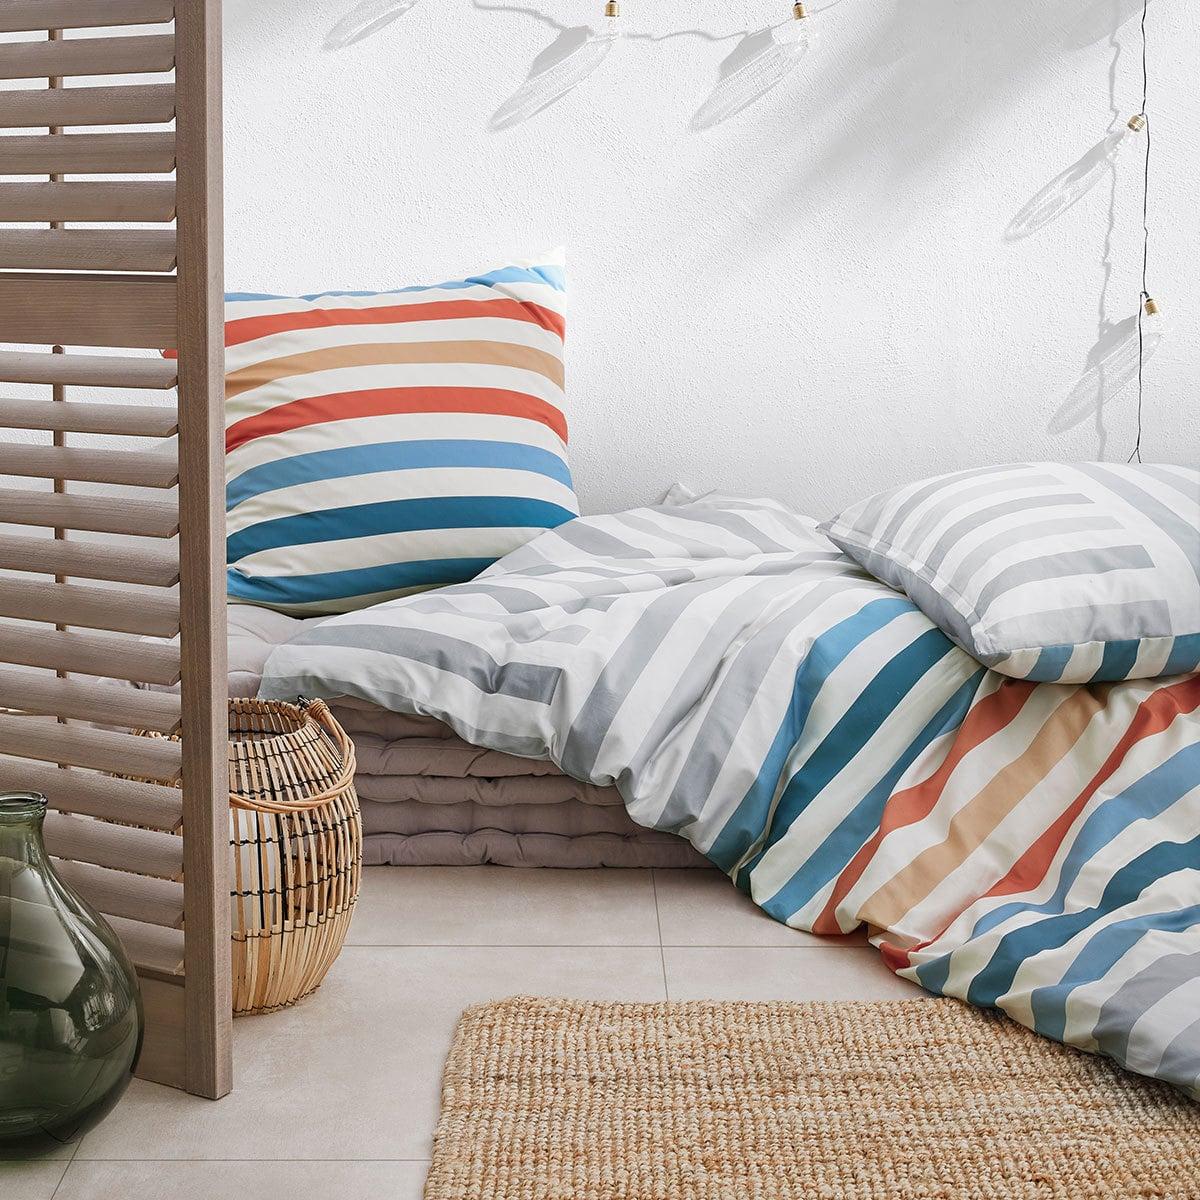 s oliver bettw sche 4040 660 g nstig online kaufen bei. Black Bedroom Furniture Sets. Home Design Ideas